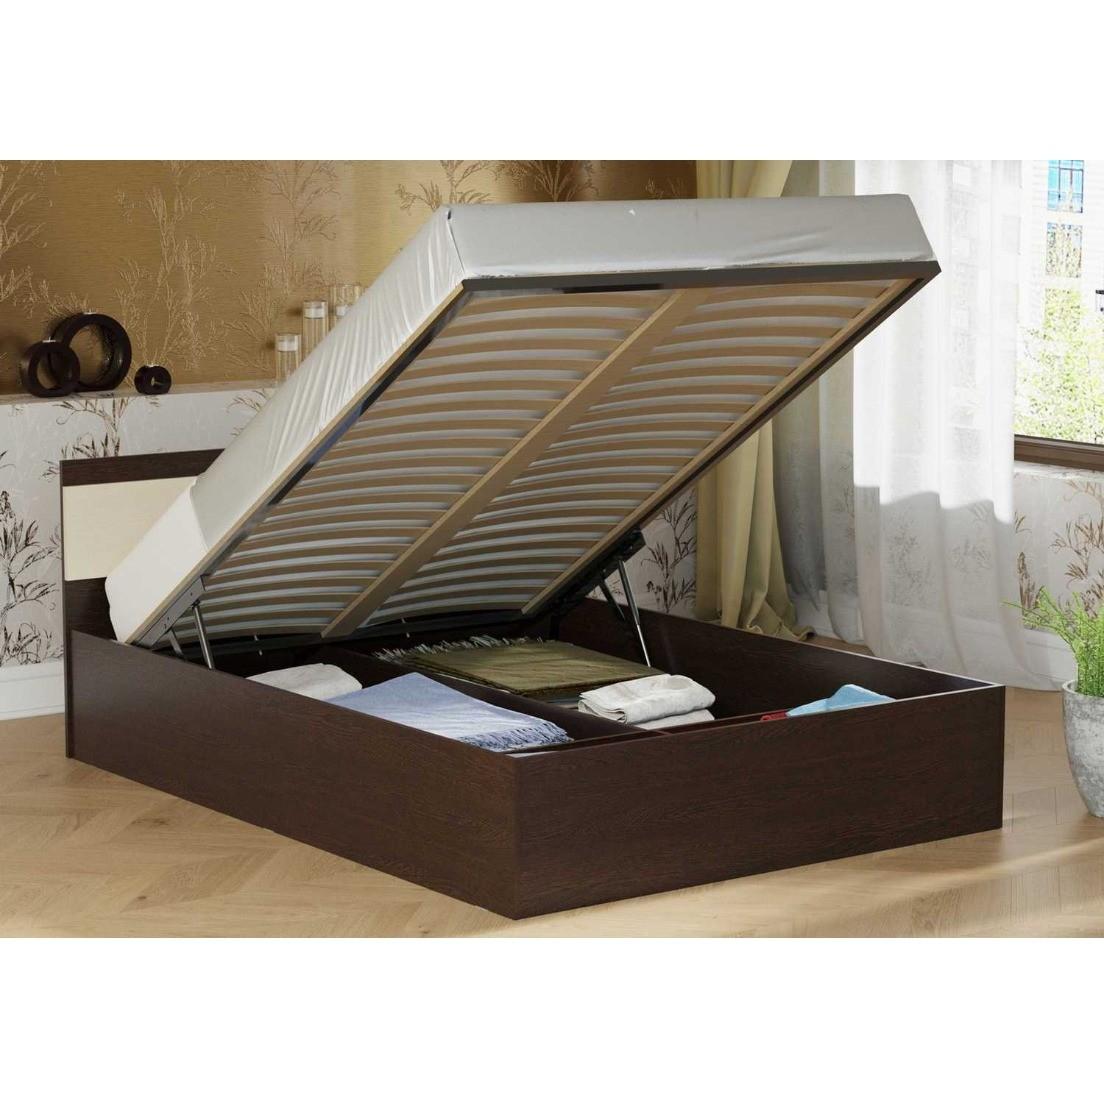 Кровать с подъемным механизмом Фант-12, Егорьевск магазин Пирамида